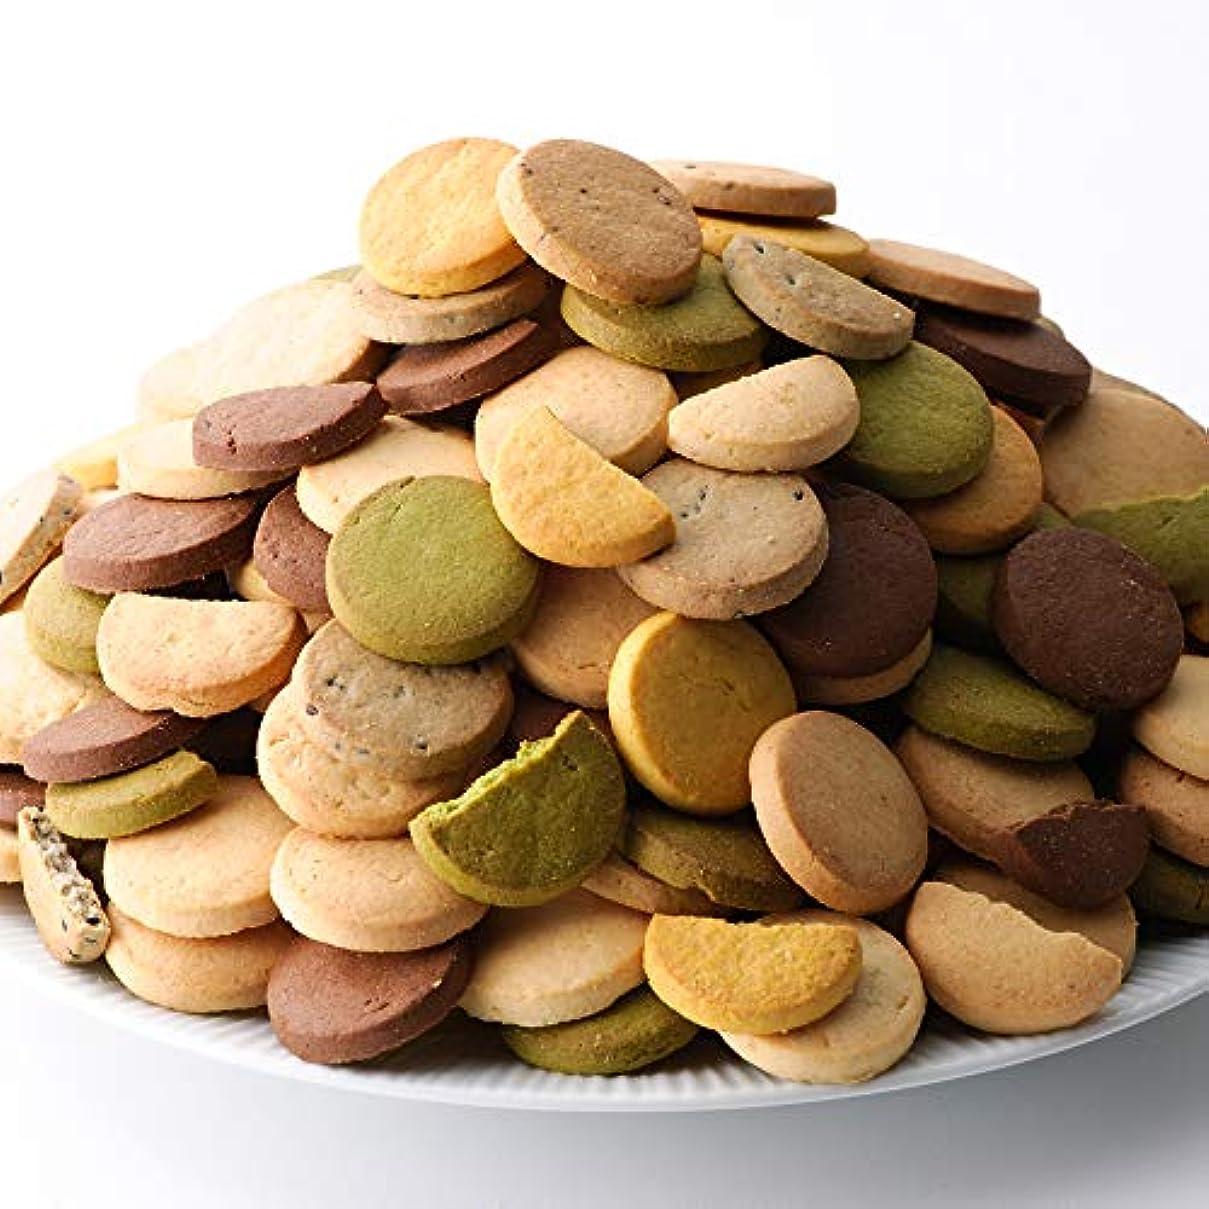 唯一喜んで求める豆乳おからクッキー 1kg(200g×5袋)1枚約16kcal